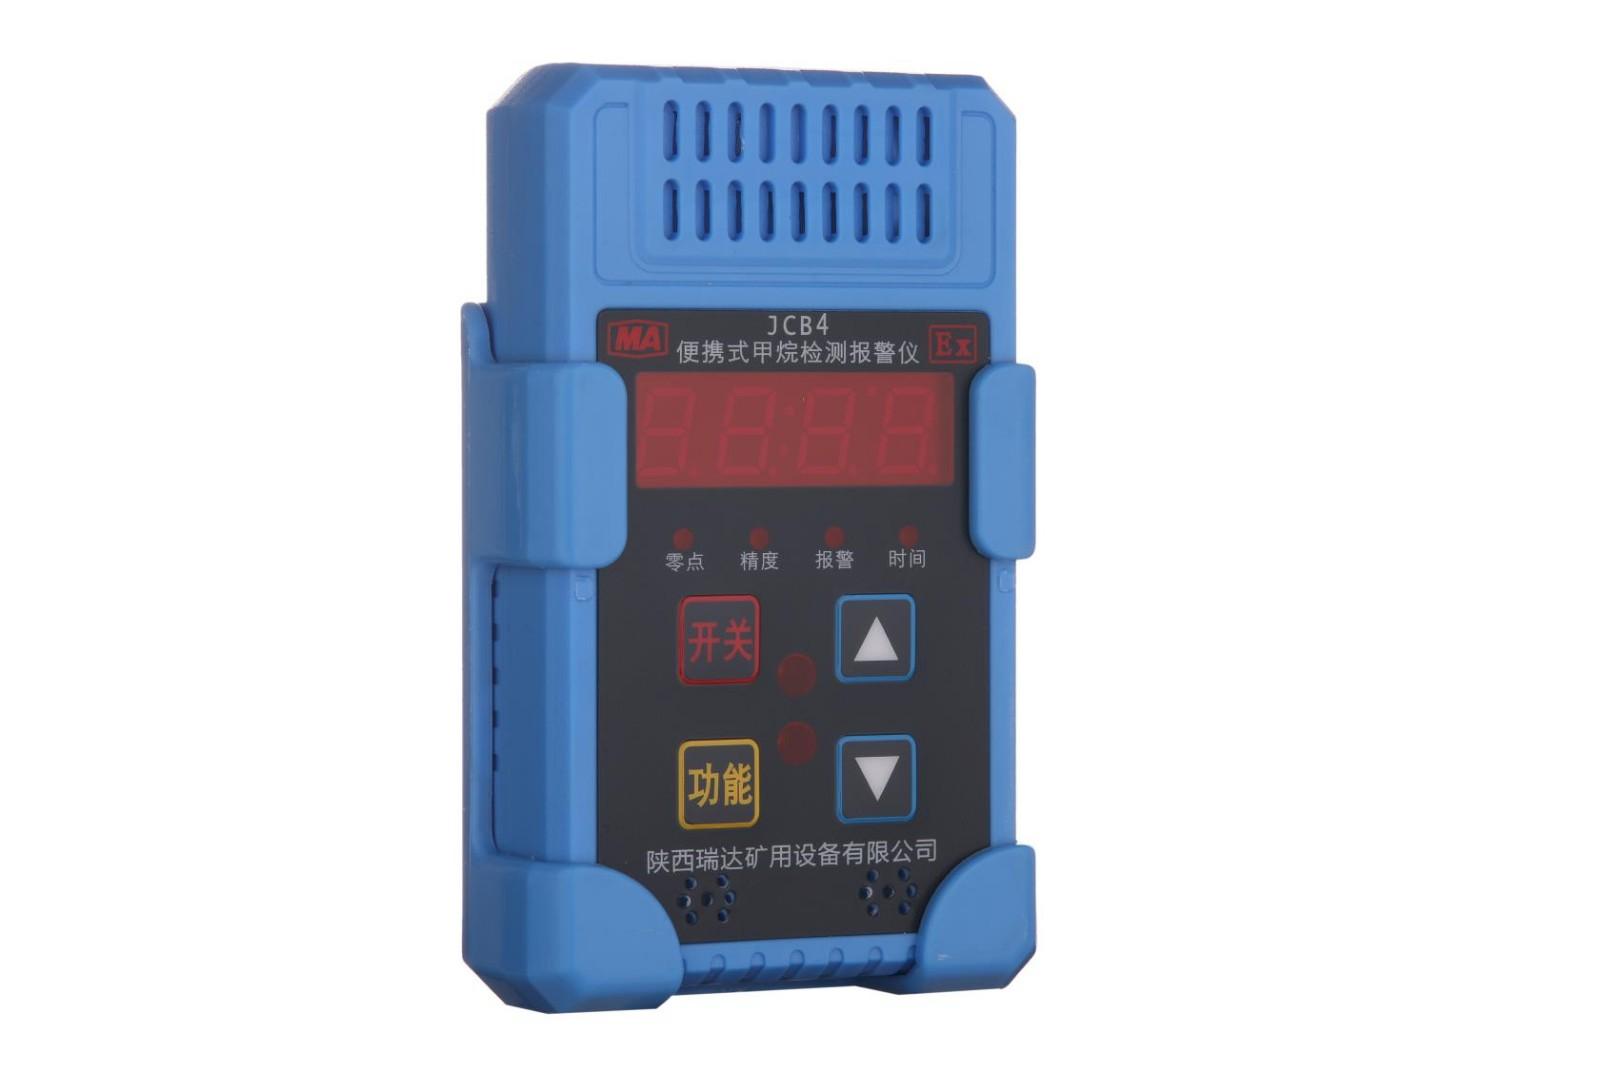 临汾JCB4甲烷检测报警仪专业供应商 一站式服务